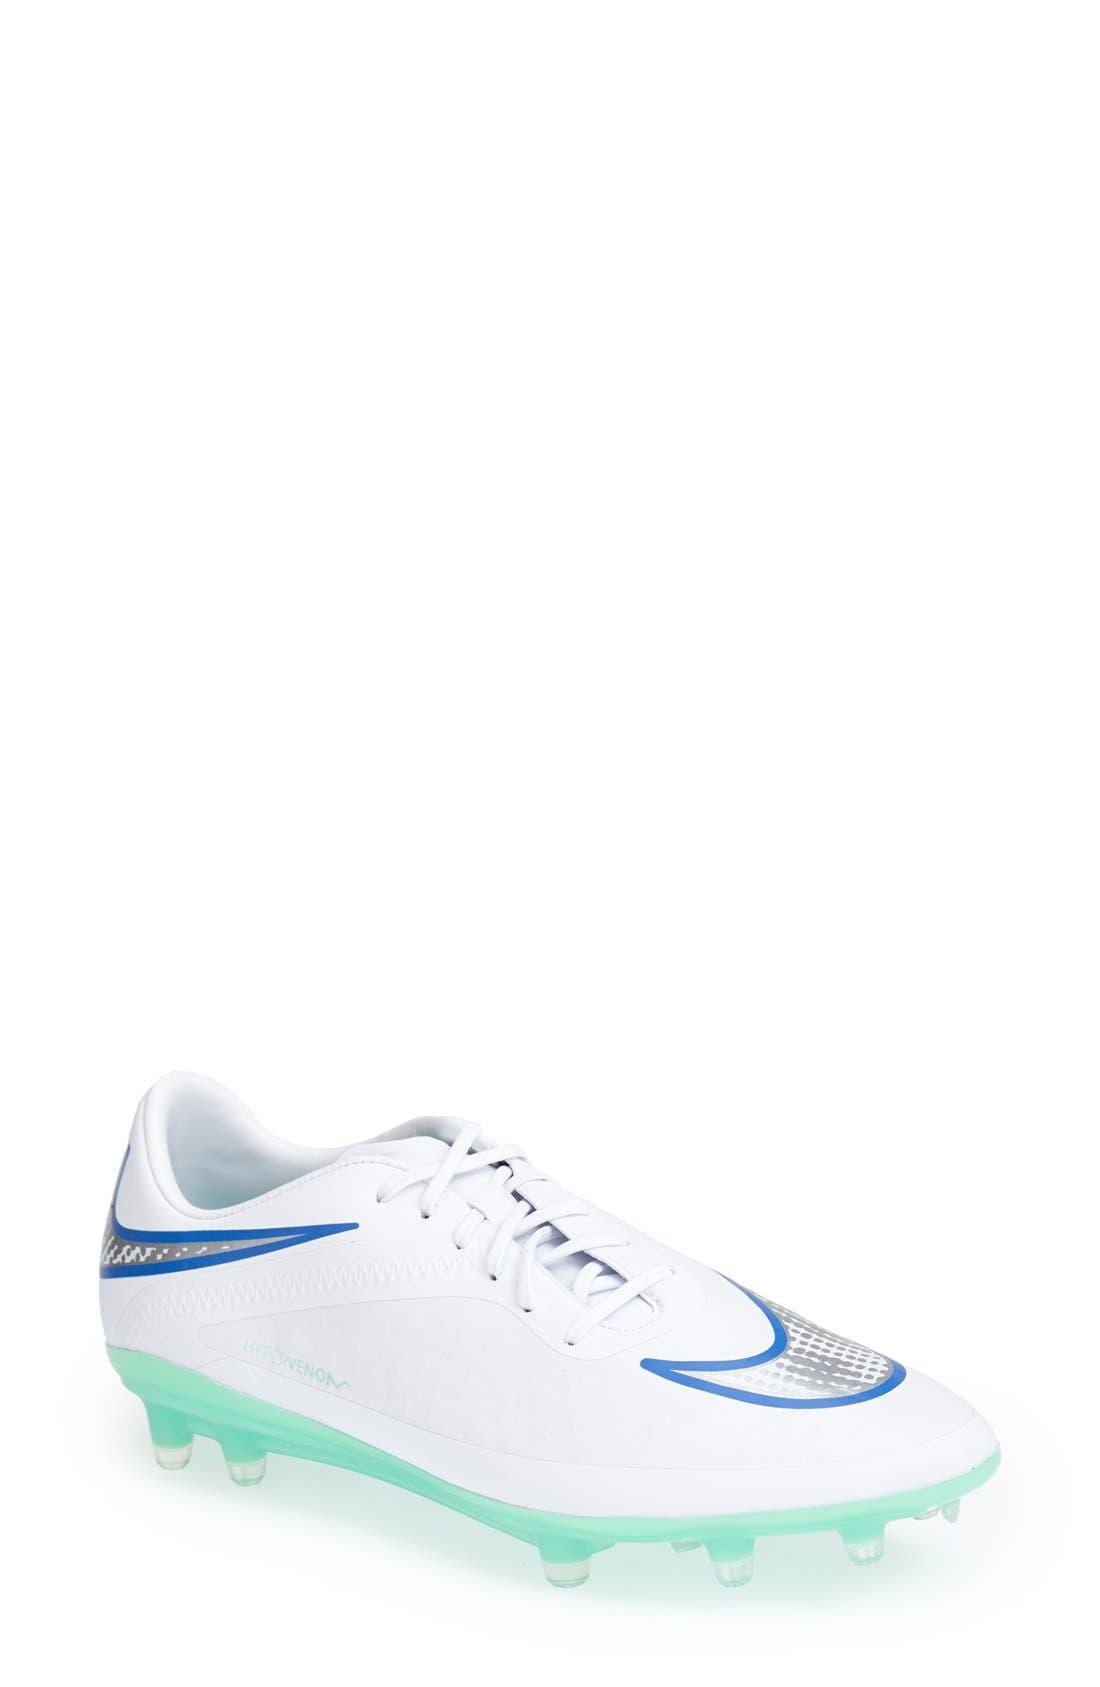 Alternate Image 1 Selected - Nike 'Hypervenom Phatal' Firm Ground Soccer Cleat (Women)